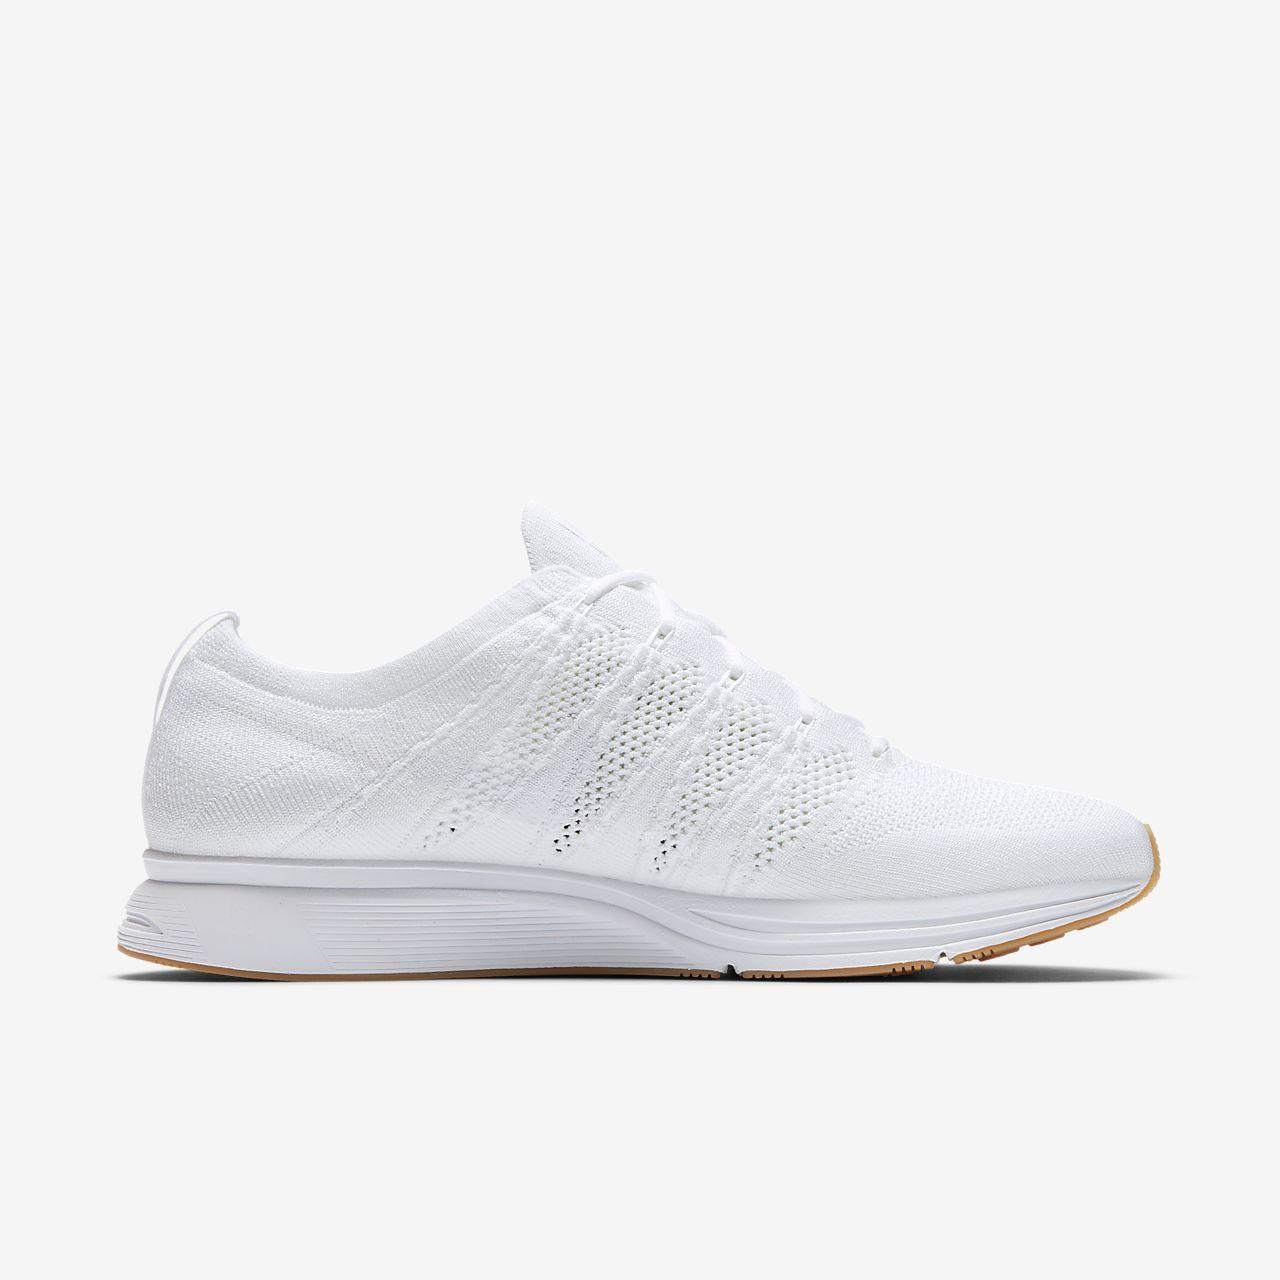 f6145fde0ad Nike Flyknit Trainer Unisex Shoe